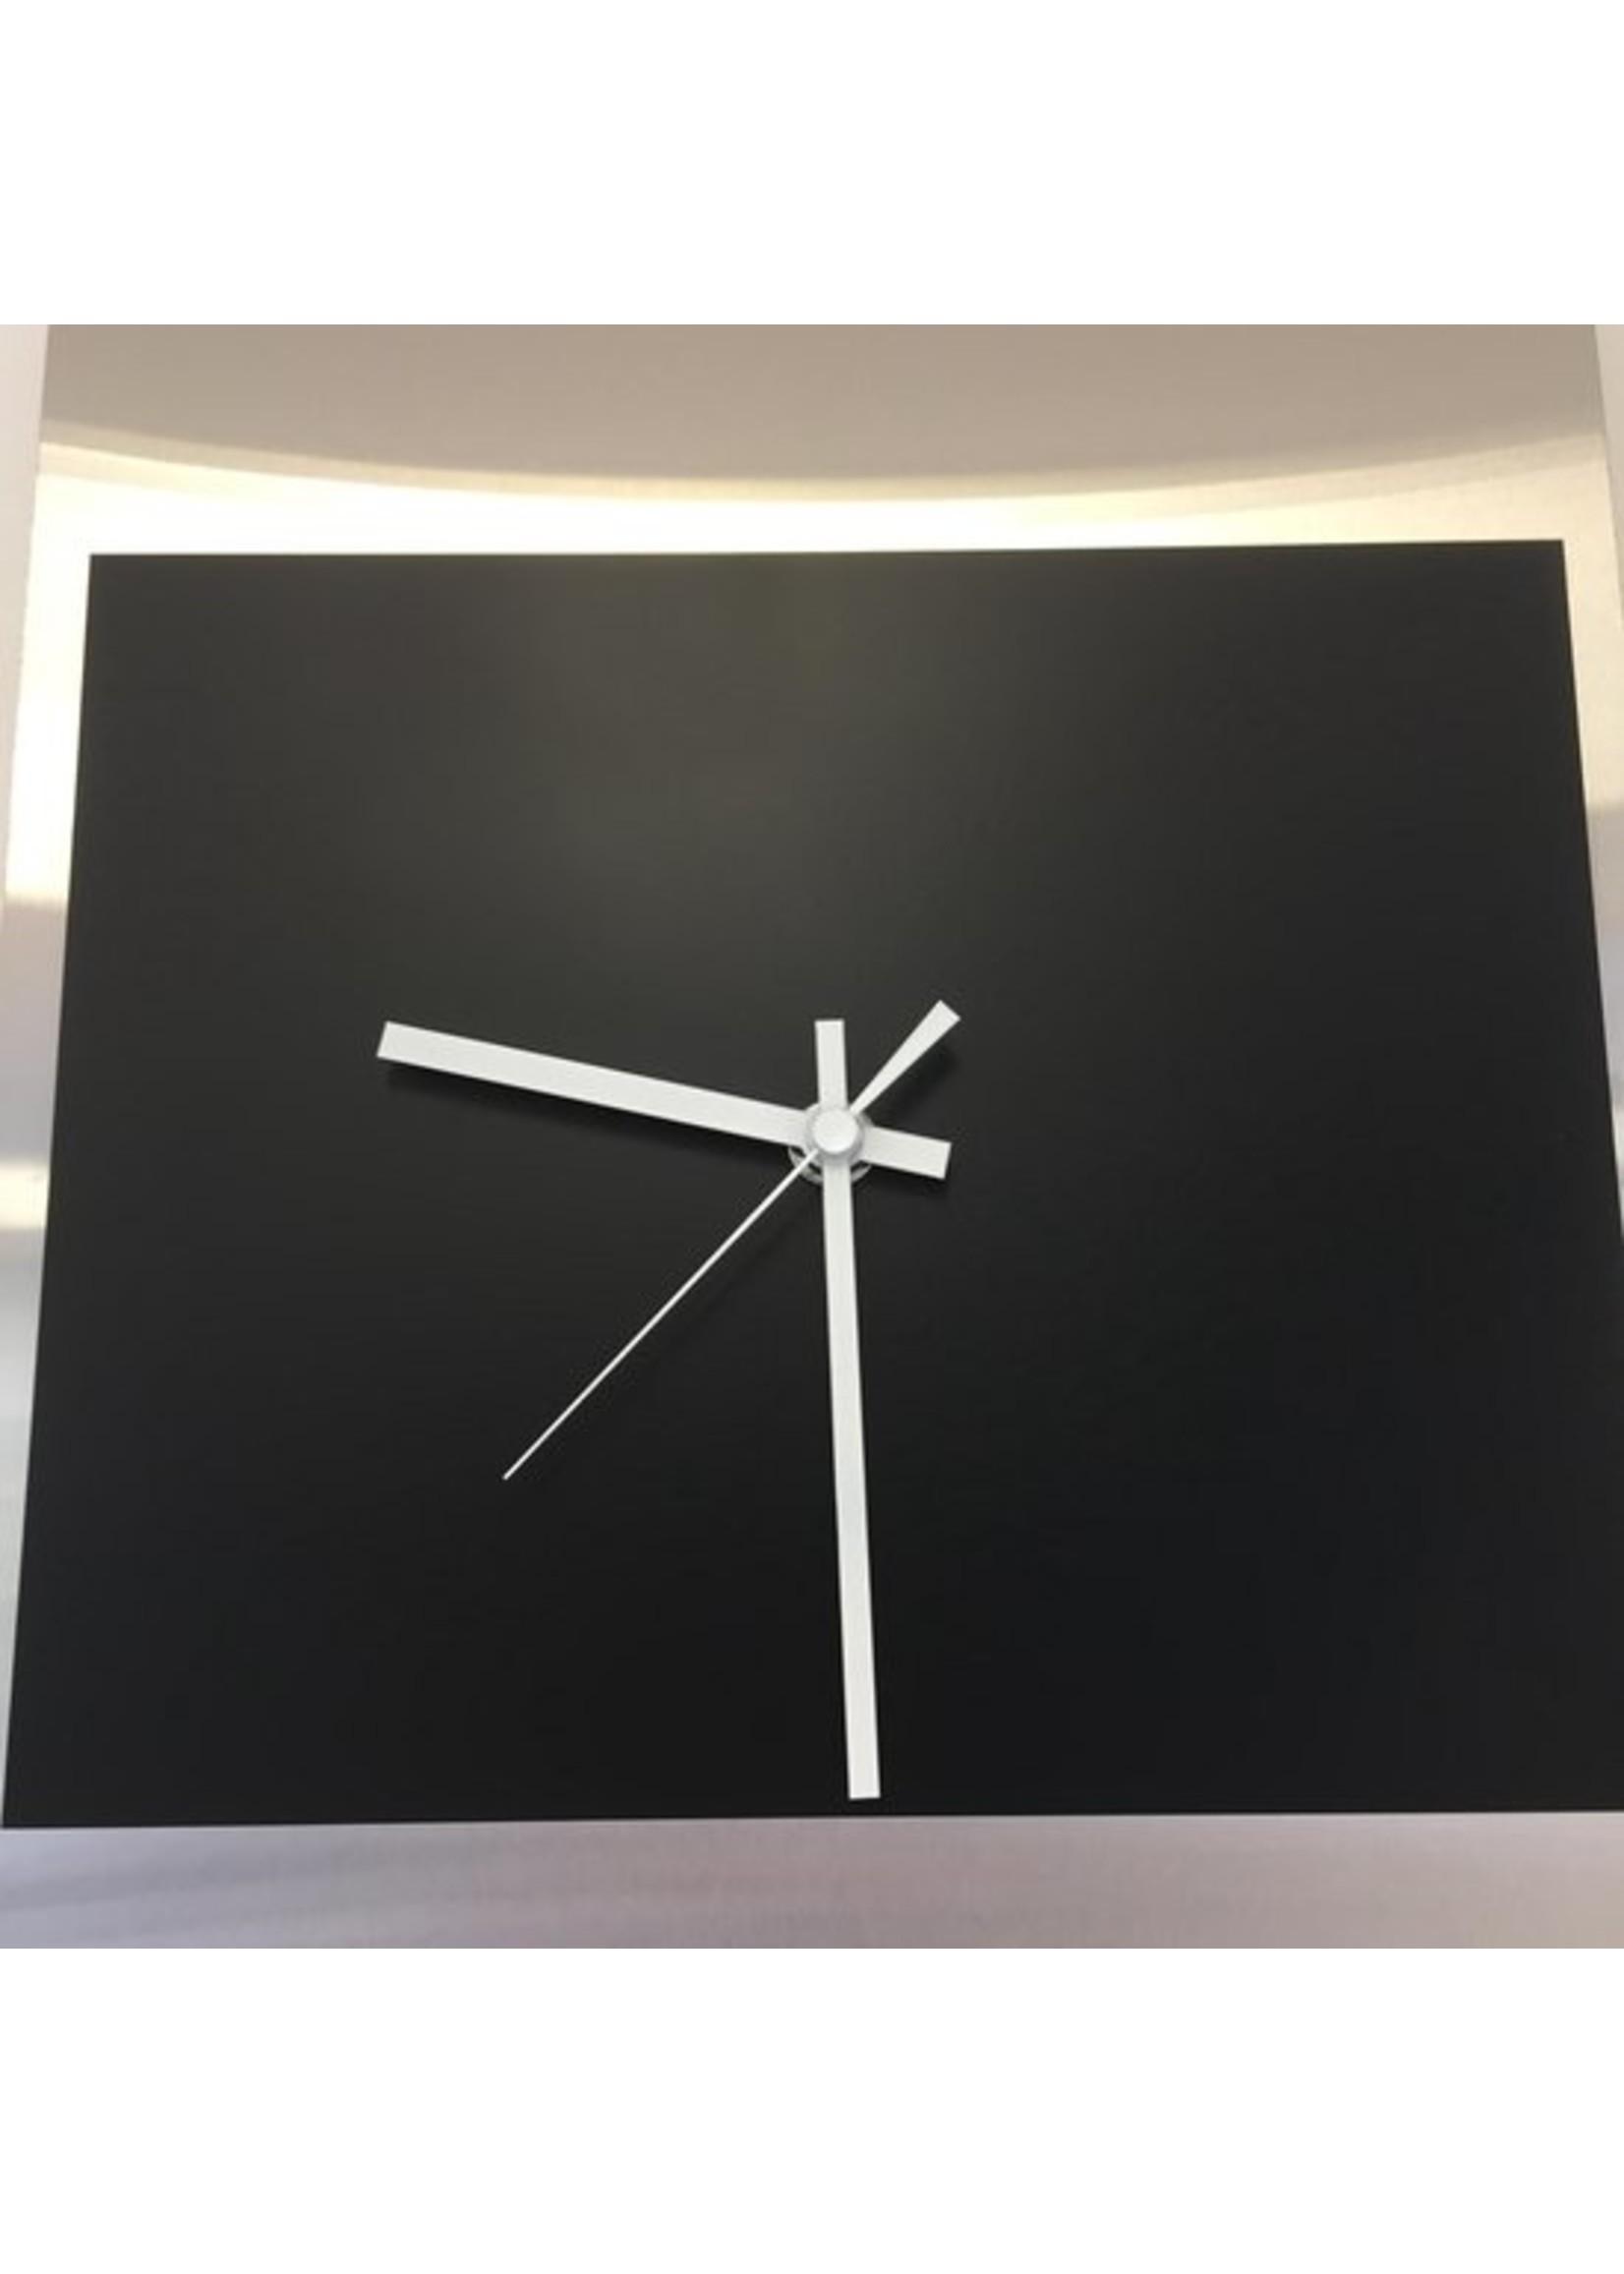 ChantalBrandO MEMPHIS MODERN DUTCH DESIGN HORIZON